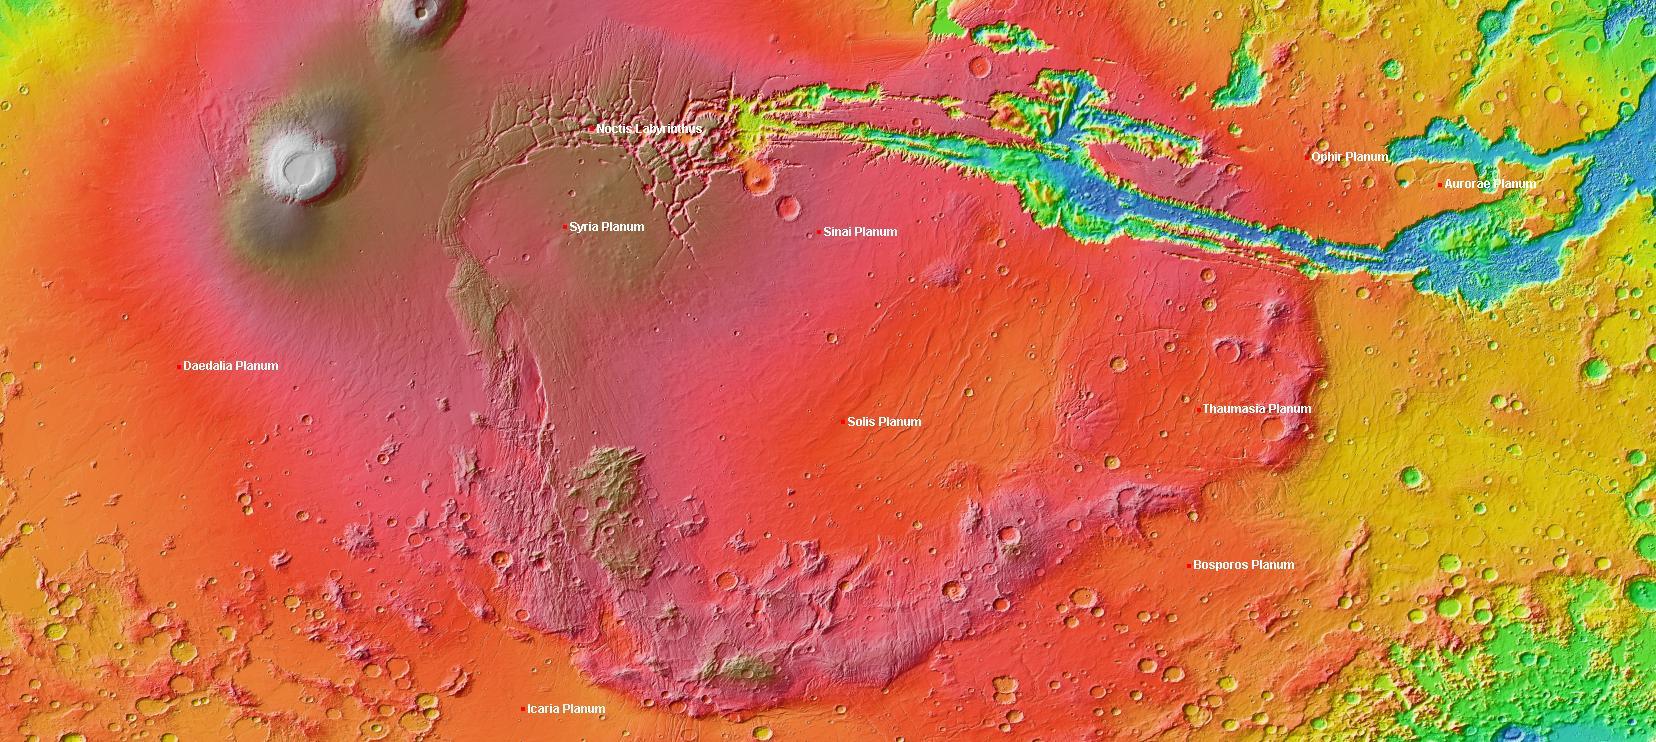 Un mapa de Marte que incluye la región de elevación inusual llamada Thaumasia Planum. Crédito: Wikimedia.